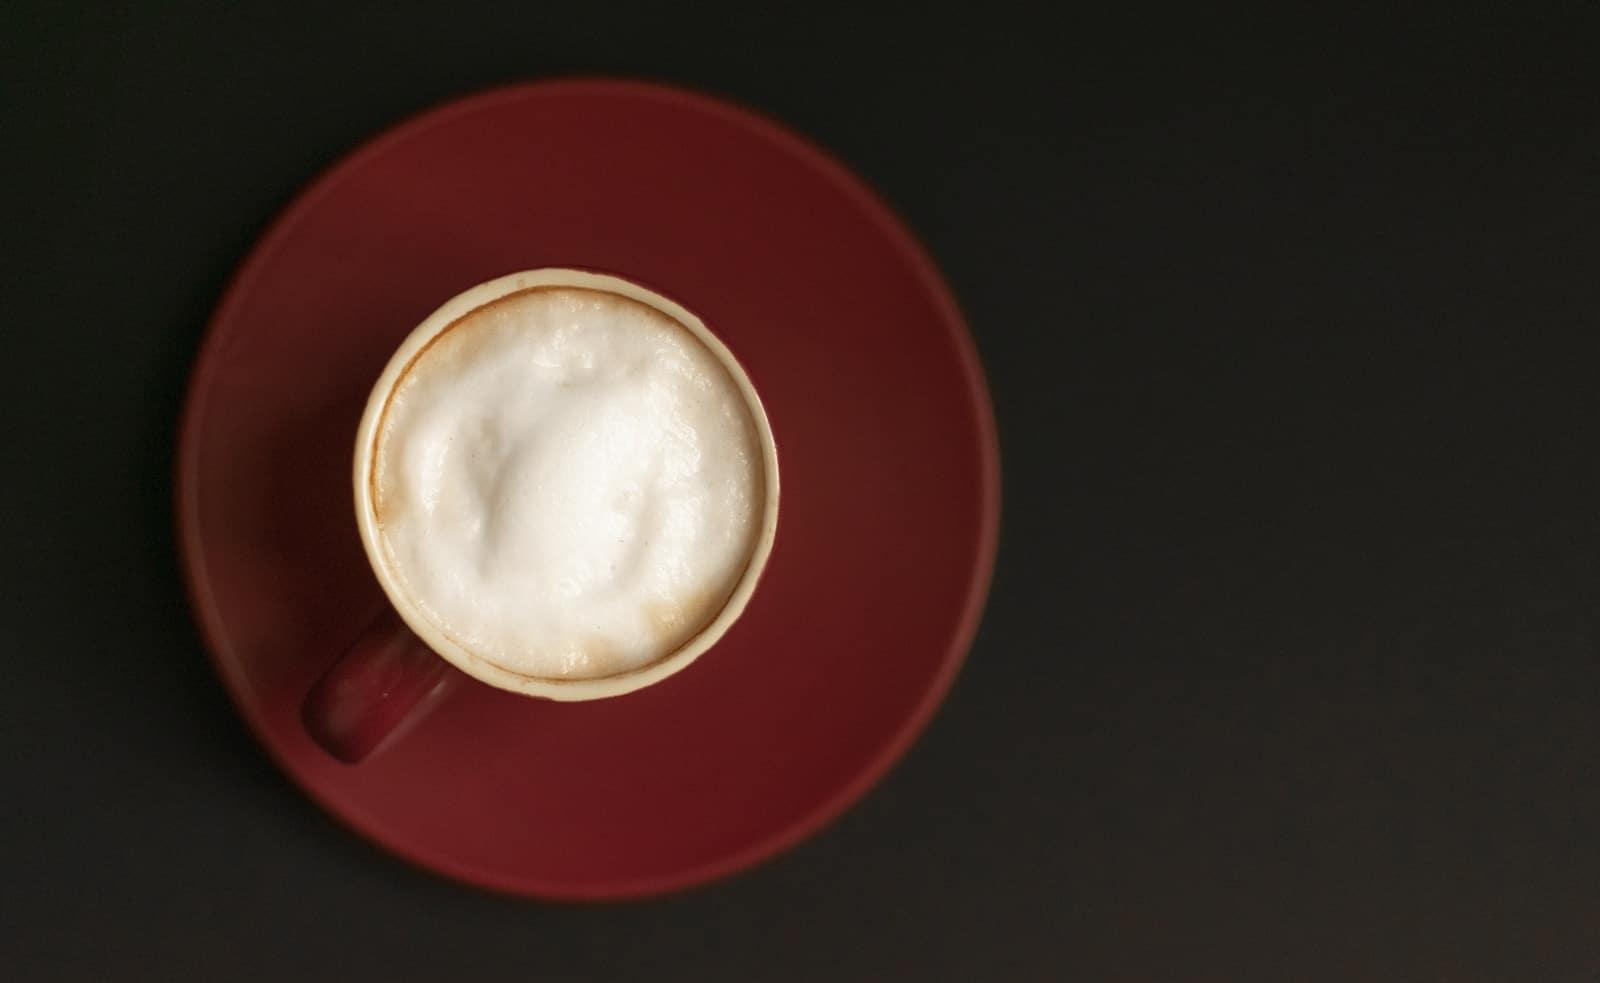 red mug and plate